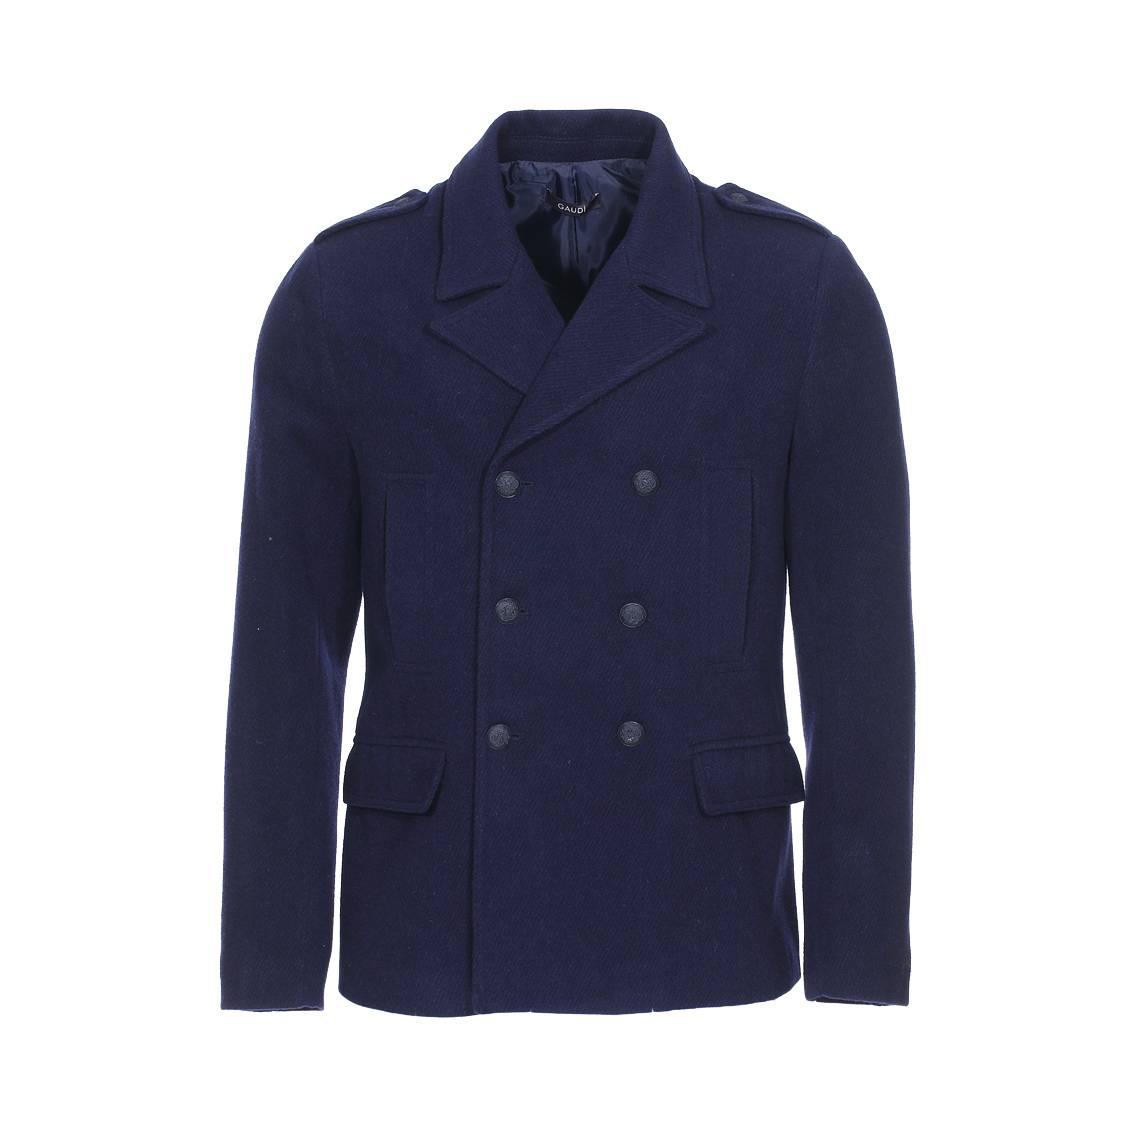 Gaudi - manteau, caban, duffle coat